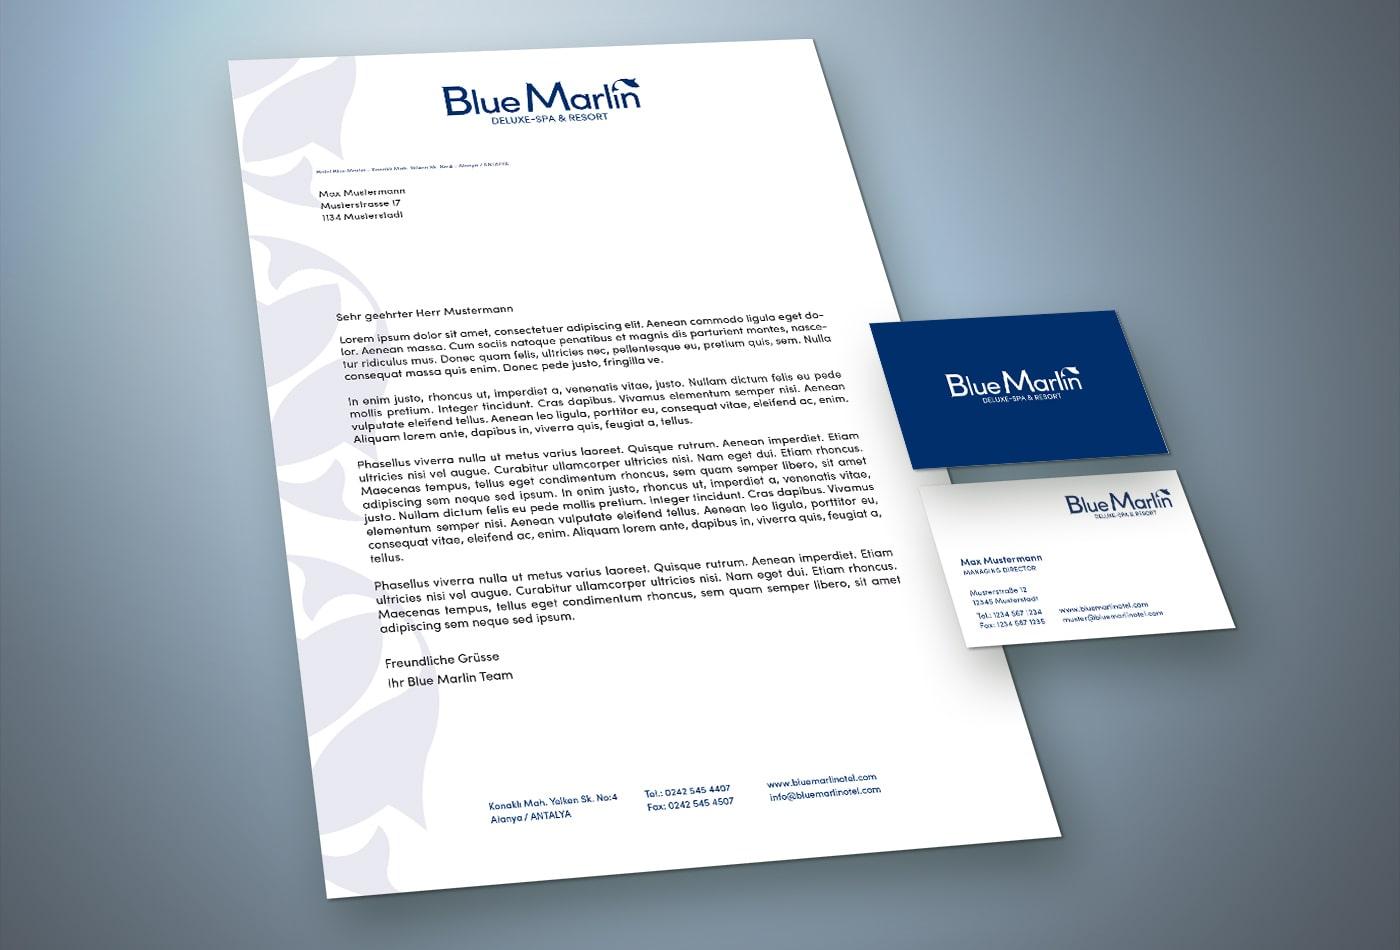 wildefreunde-kunde-bluemarlin-geschaeftsausstattung-1400x950-min